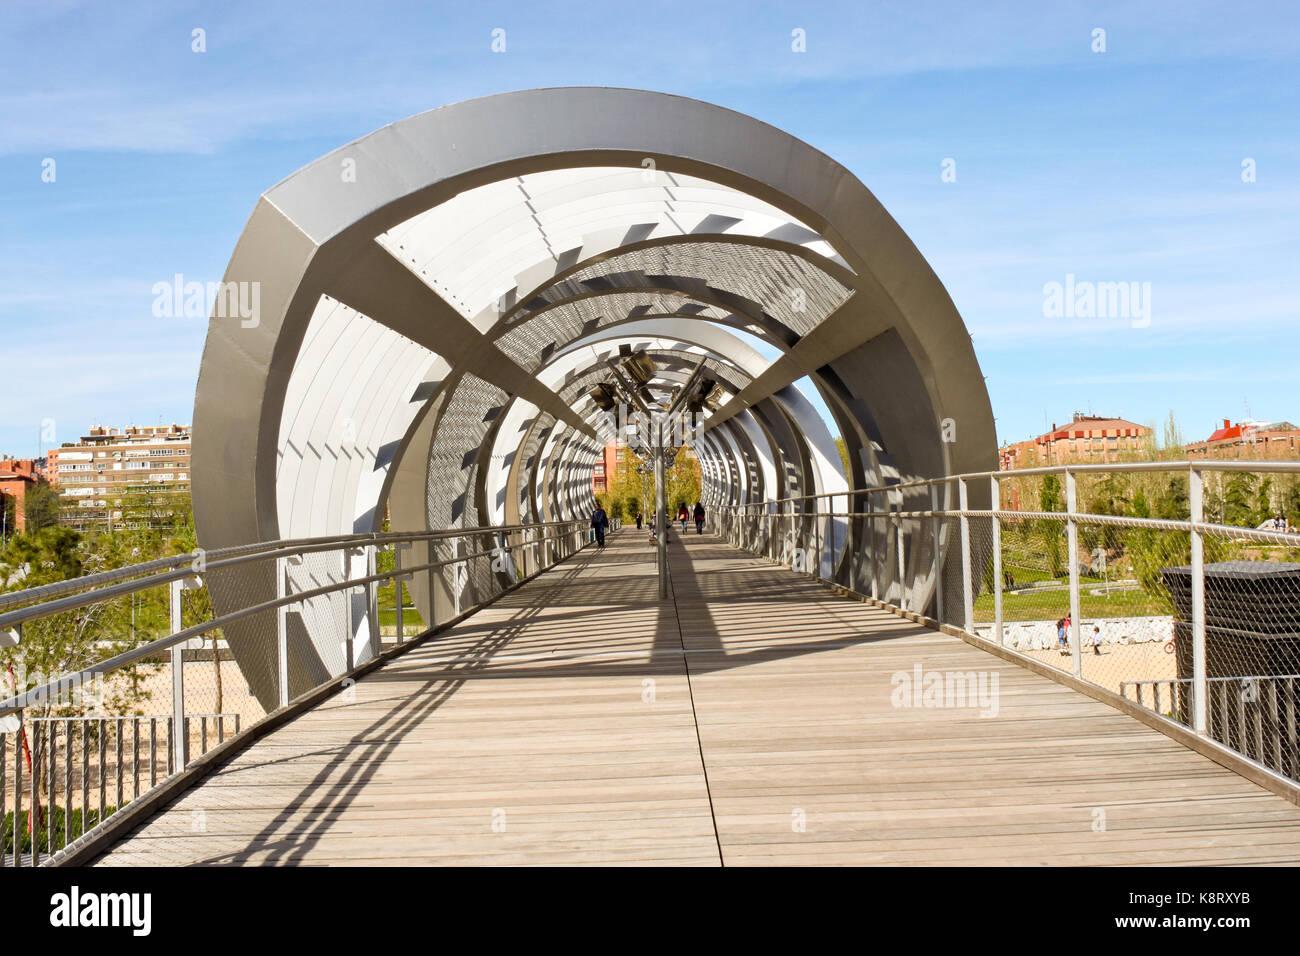 Madrid, Spain - April 20, 2013: Arganzuela Bridge designed by Dominique Perrault. - Stock Image